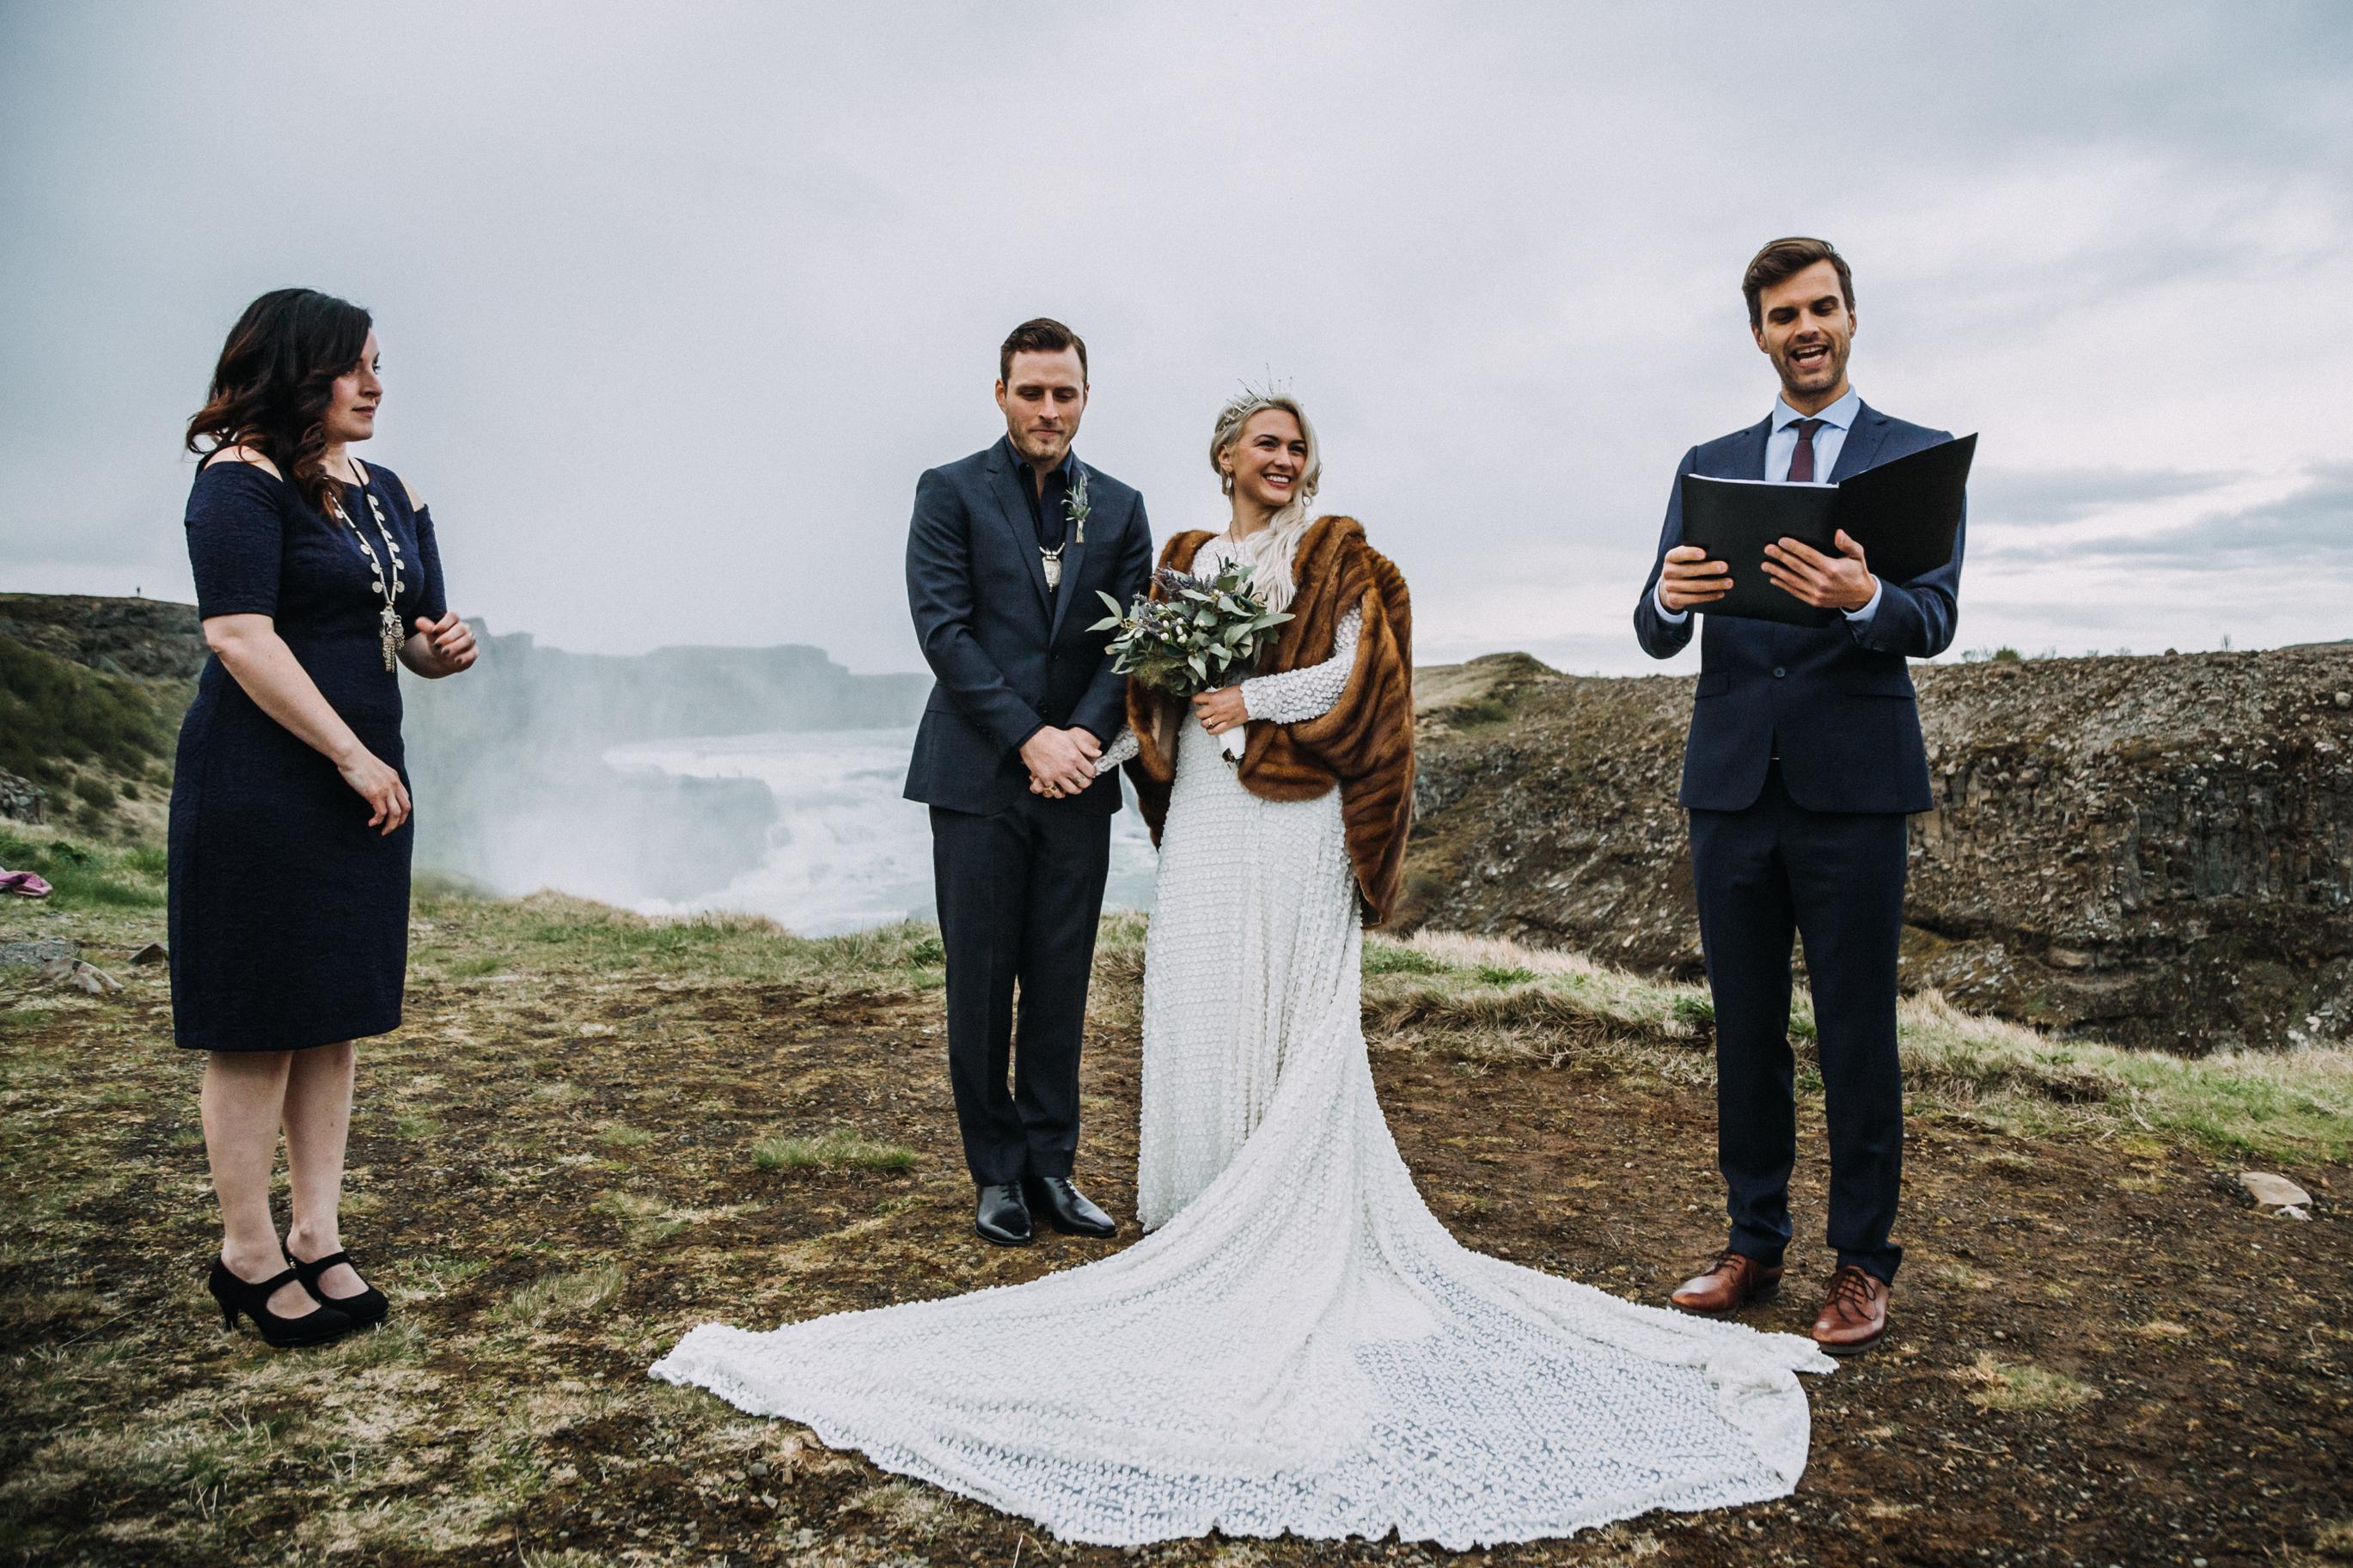 Iceland-wedding-298